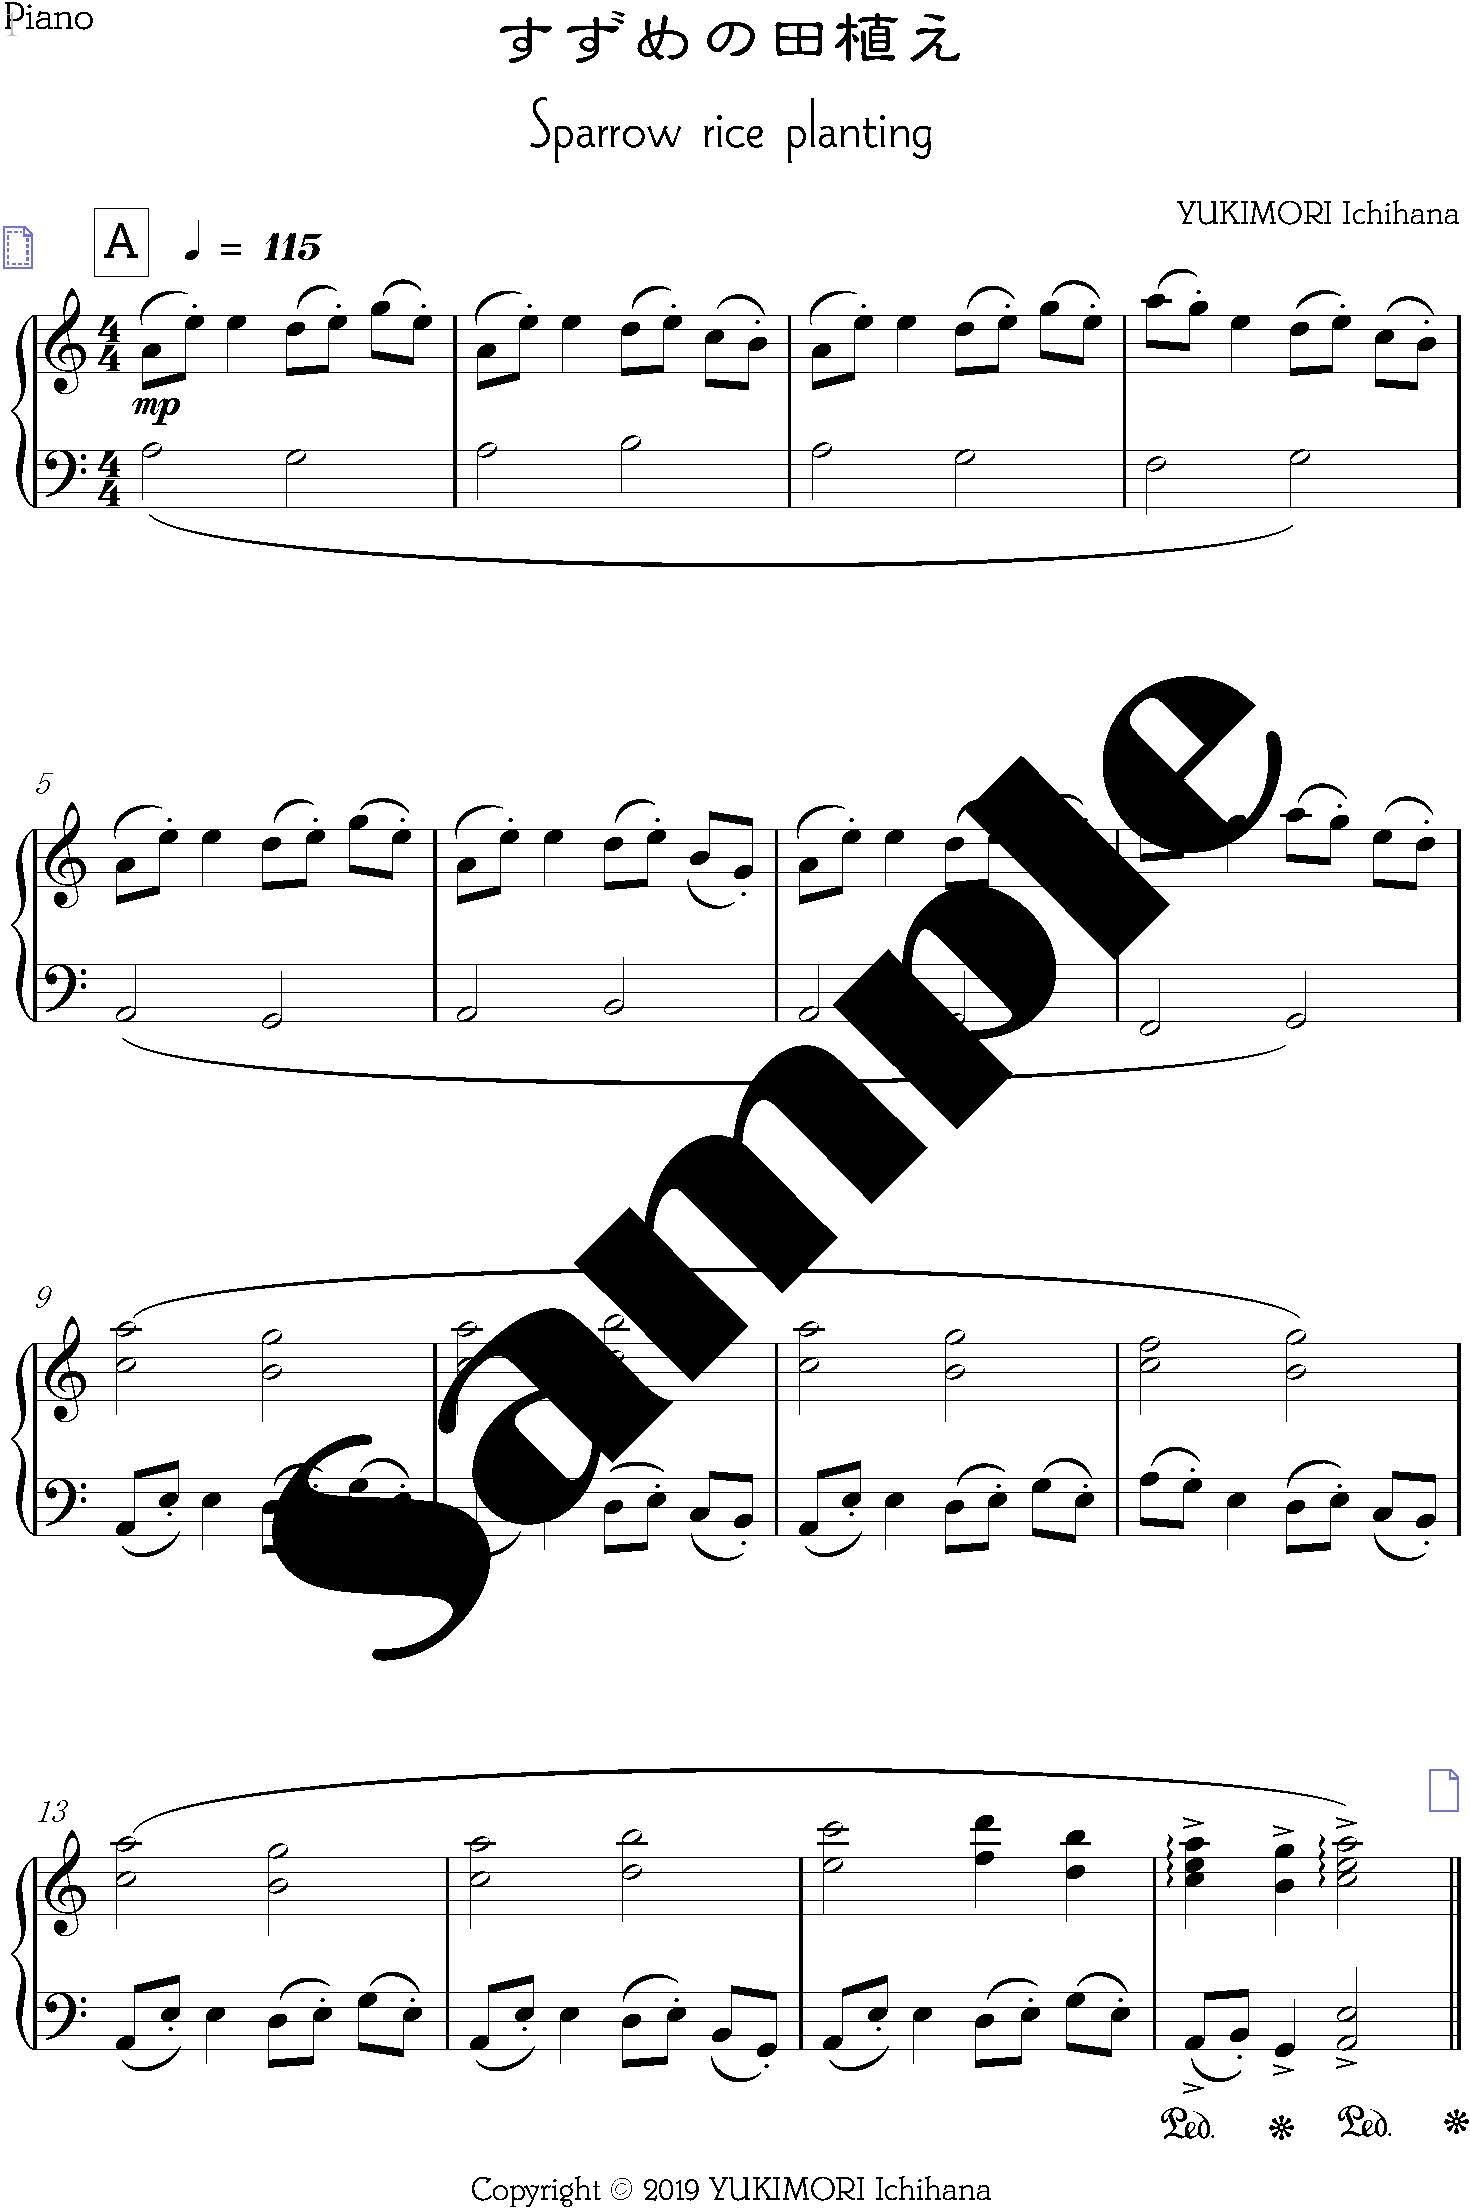 すずめの田植え ピアノソロ 製本楽譜